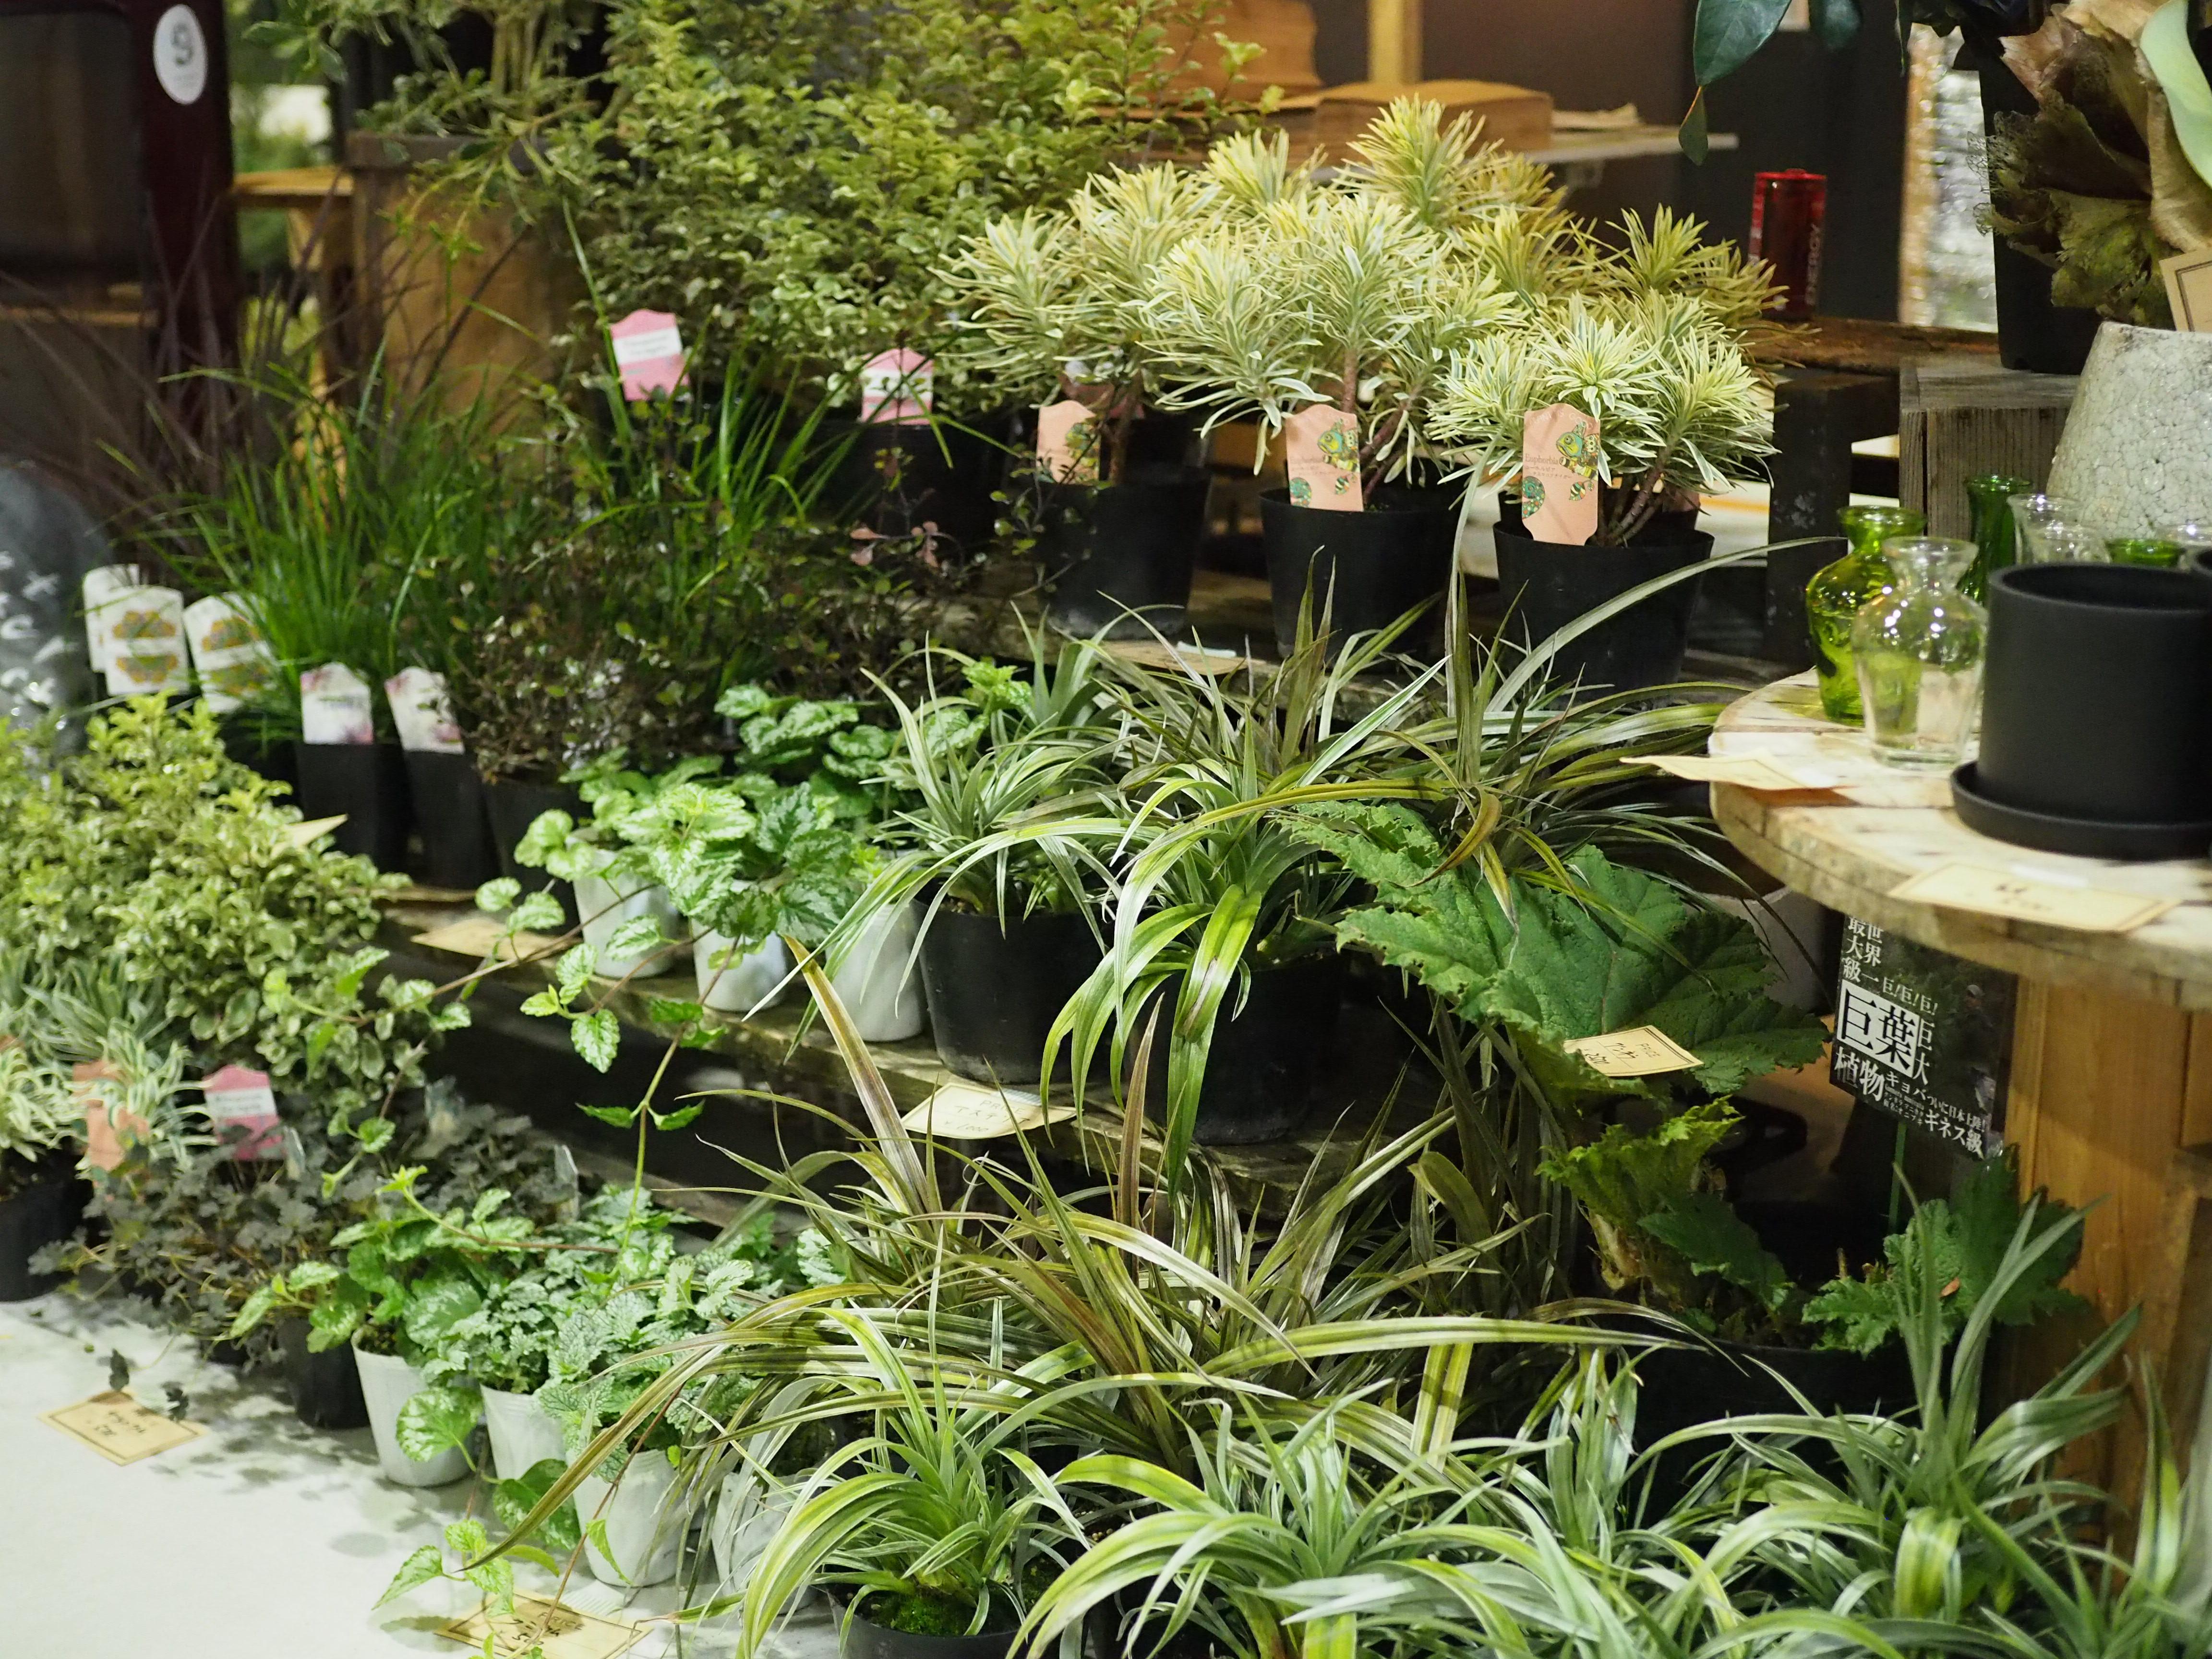 nine plants(麻野間園芸)さんのブースは、ひとことでいうと多種多様。庭に欠かせない下草類を中心に今の暮らしにあった植物を柔軟にセレクトして生産されています。年に数回あるFIELDSTYLEでも、季節に応じて毎回持ってくる植物が違うので、「次はどんな植物に出会えるかな?」と楽しみなブースでもあります。